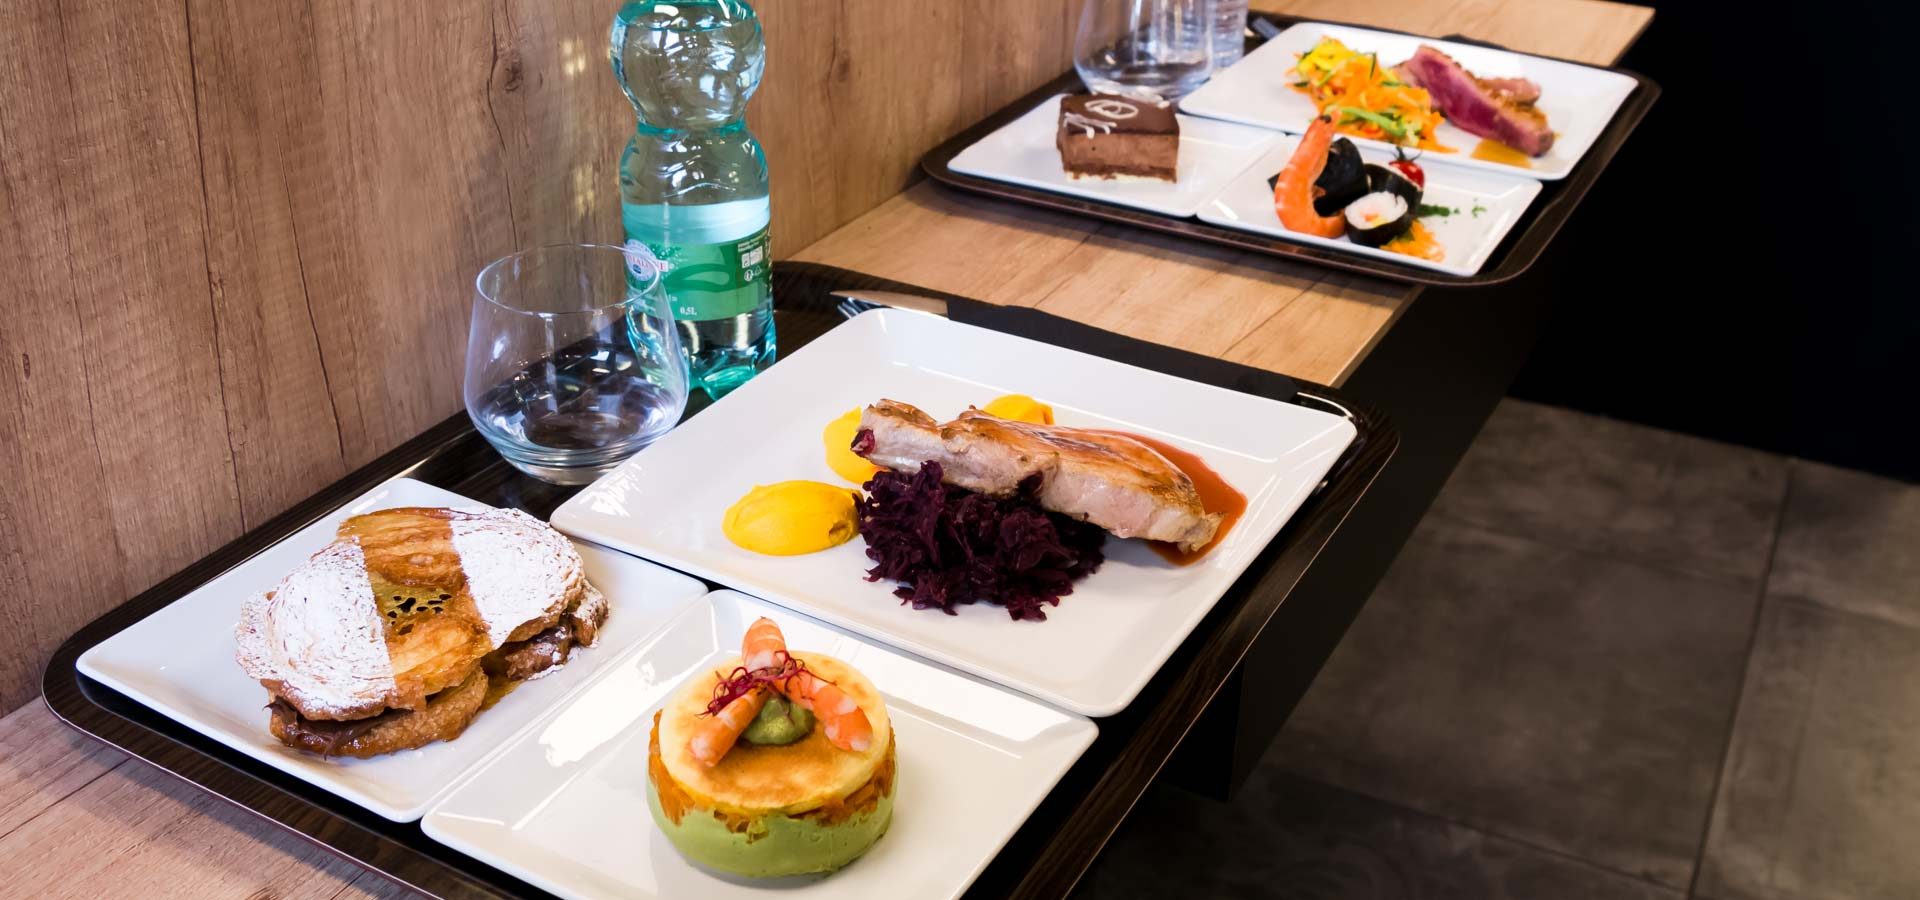 plateaux repas rennes place de bretagne chez les pot o feu. Black Bedroom Furniture Sets. Home Design Ideas